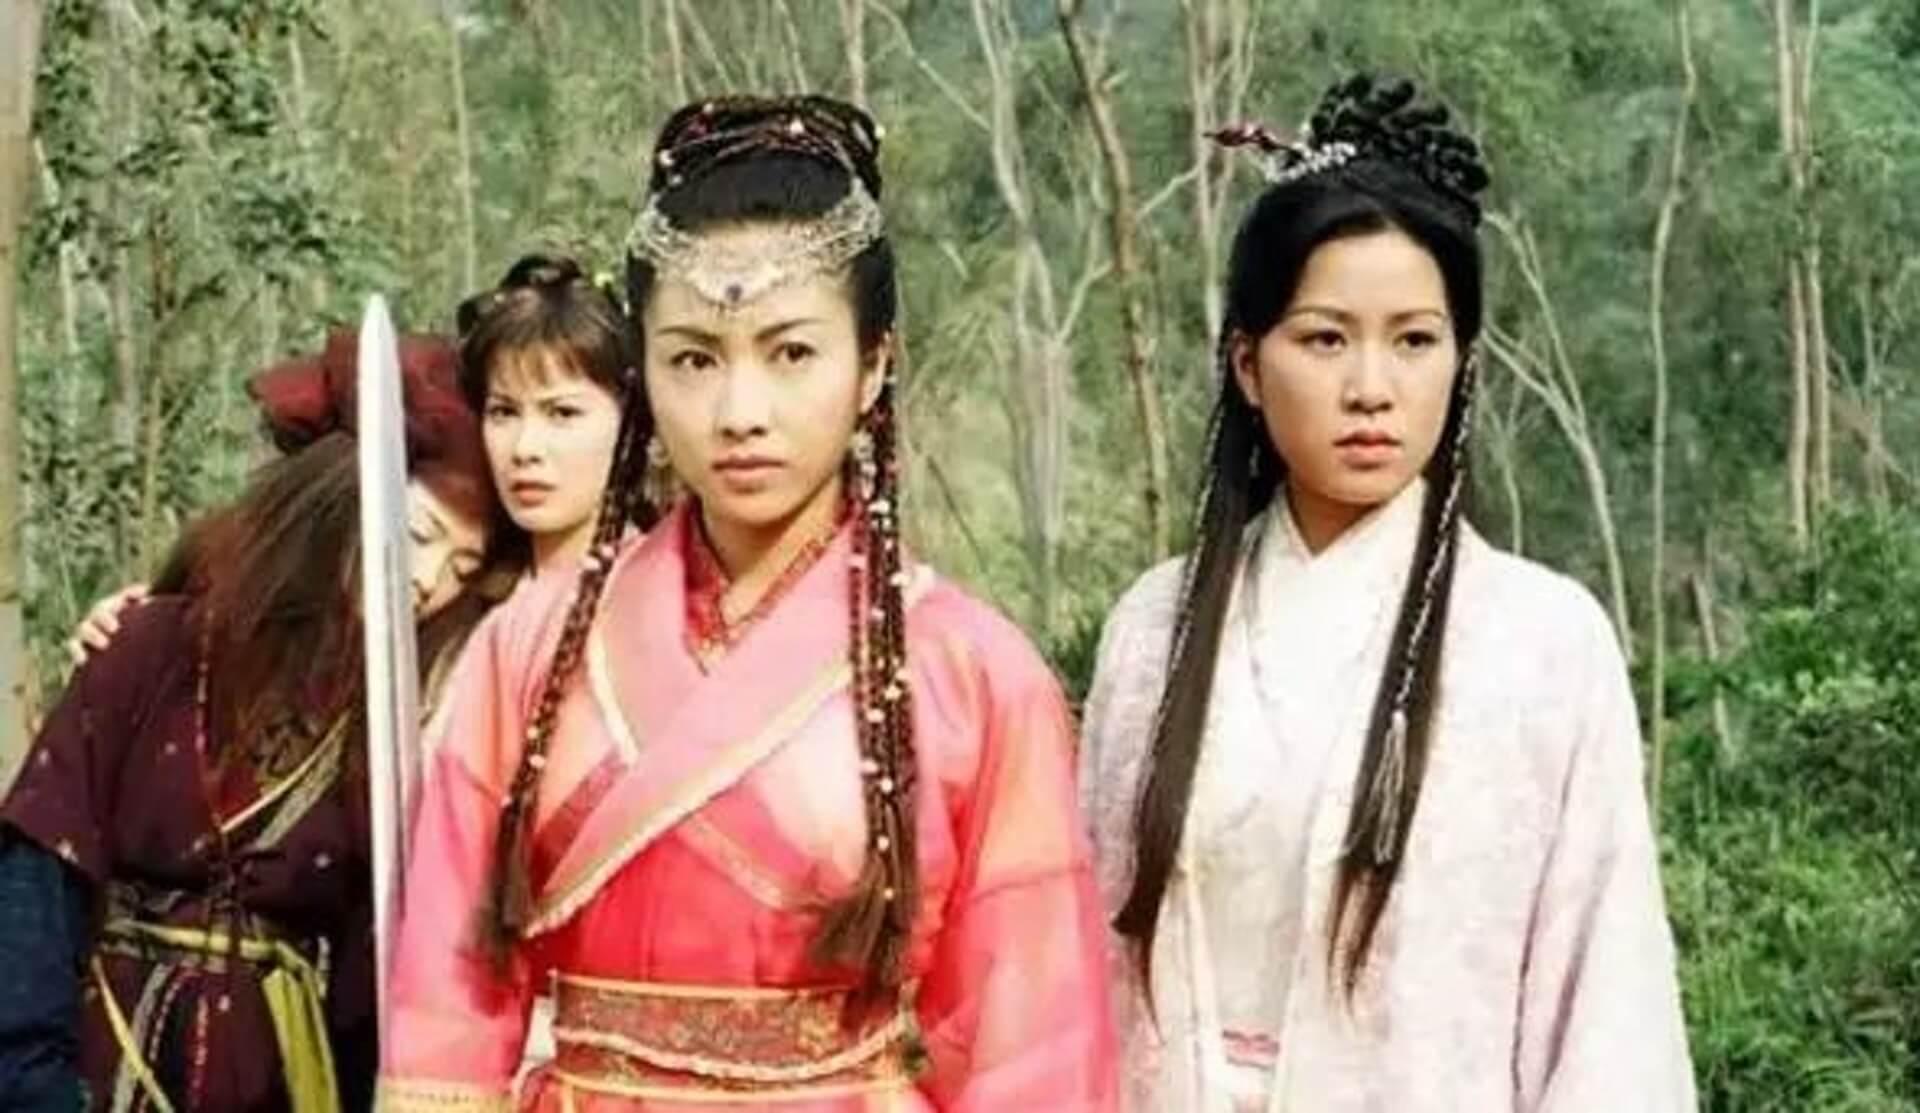 在《倚天屠龍記》中,黎姿飾演趙敏,佘詩曼則飾演周芷若